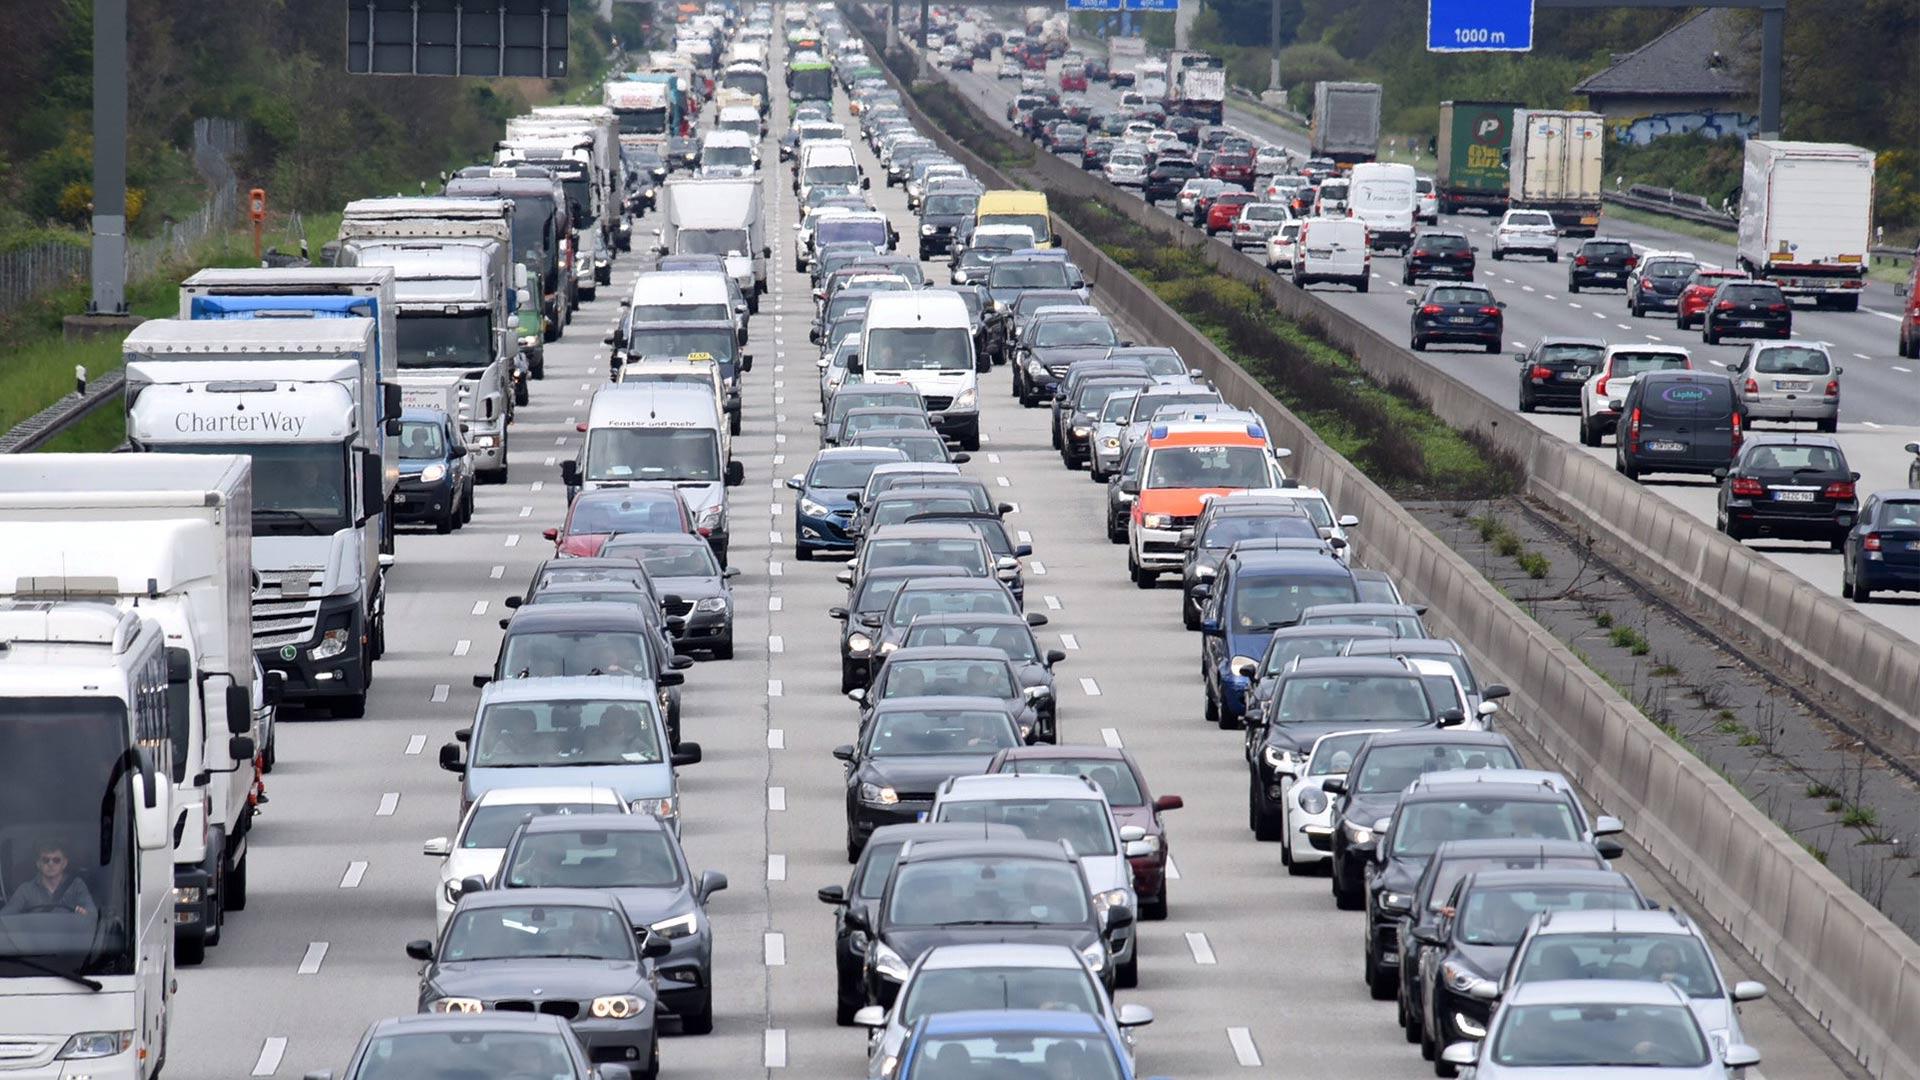 Kilometerlang staut sich der Verkehr auf der Autobahn.